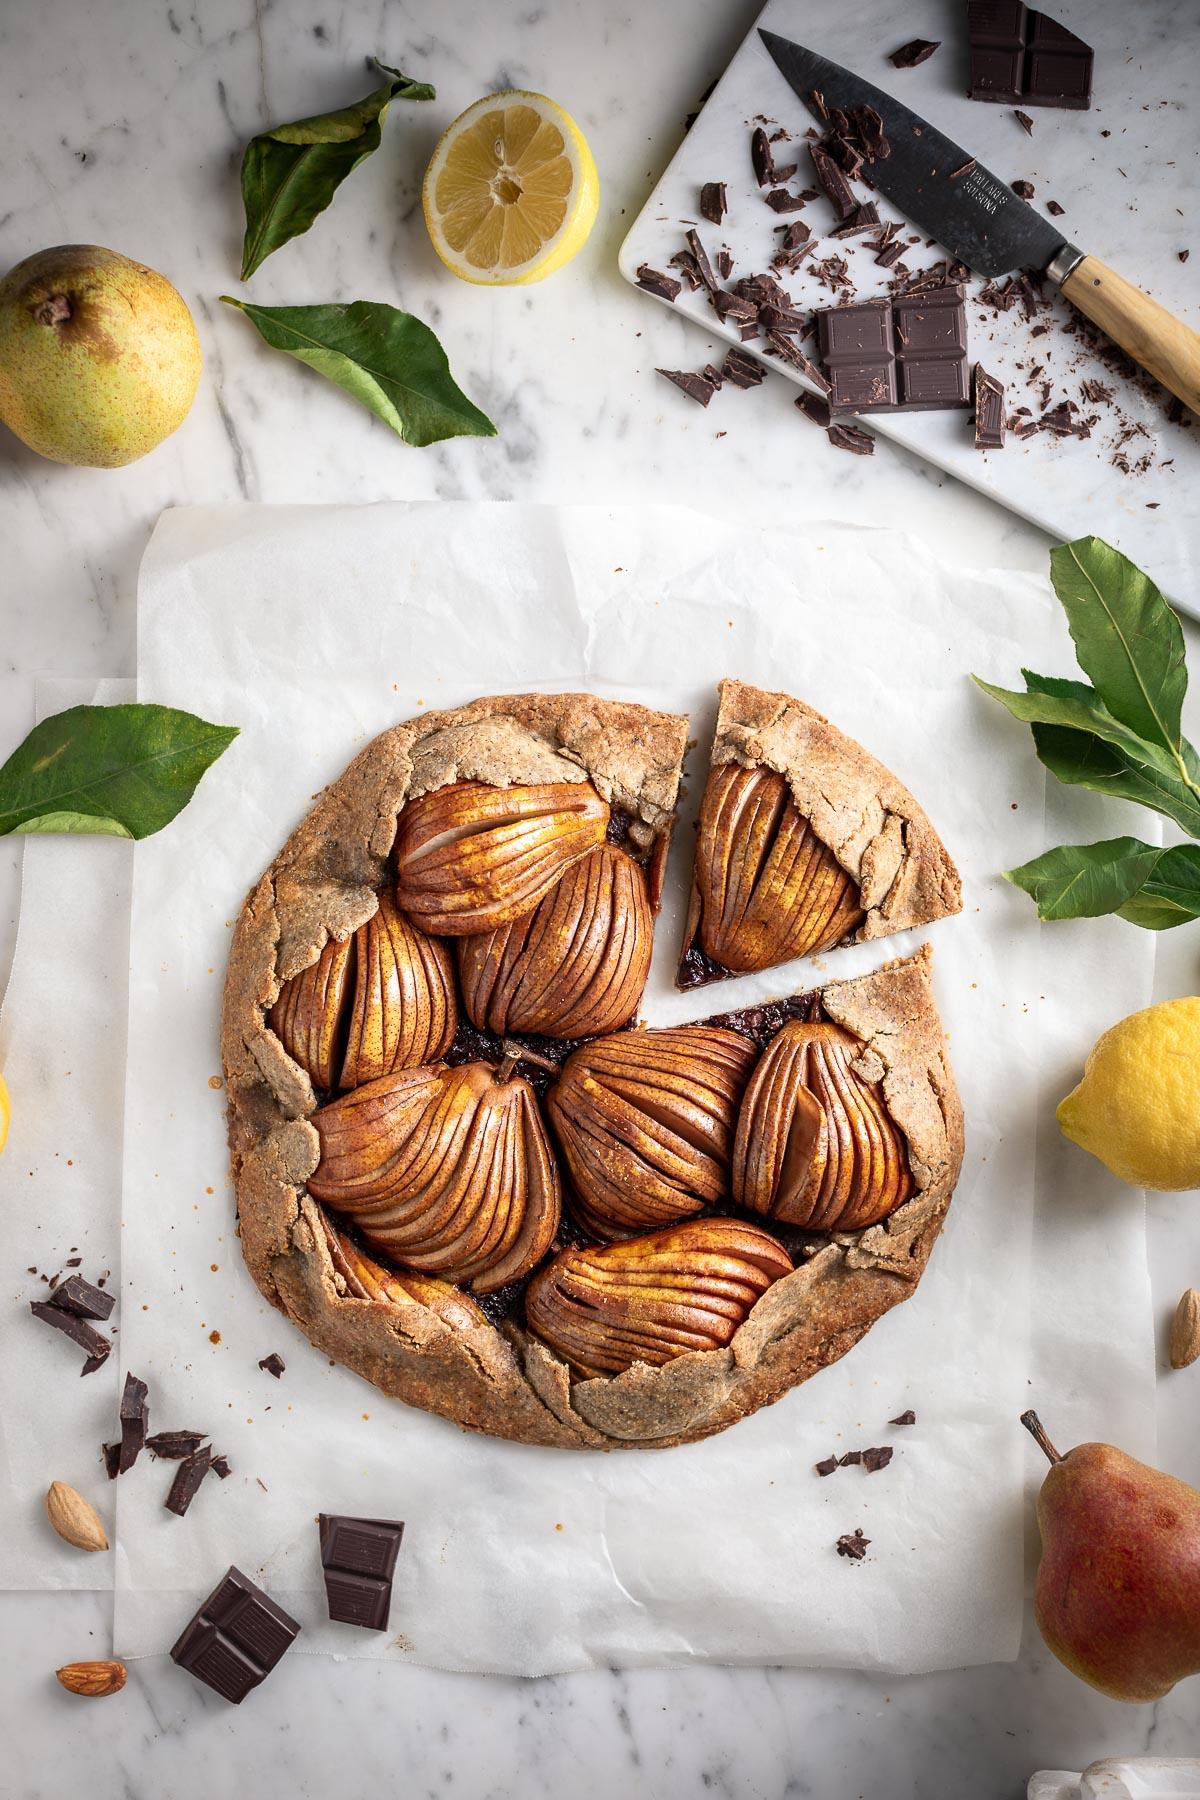 Crostata Galette al cioccolato e pere vegan senza glutine pasta frolla grano saraceno e mandorle Gluten free Buckwheat Almond Vegan Chocolate Pear Galette recipe #pear #chocolate